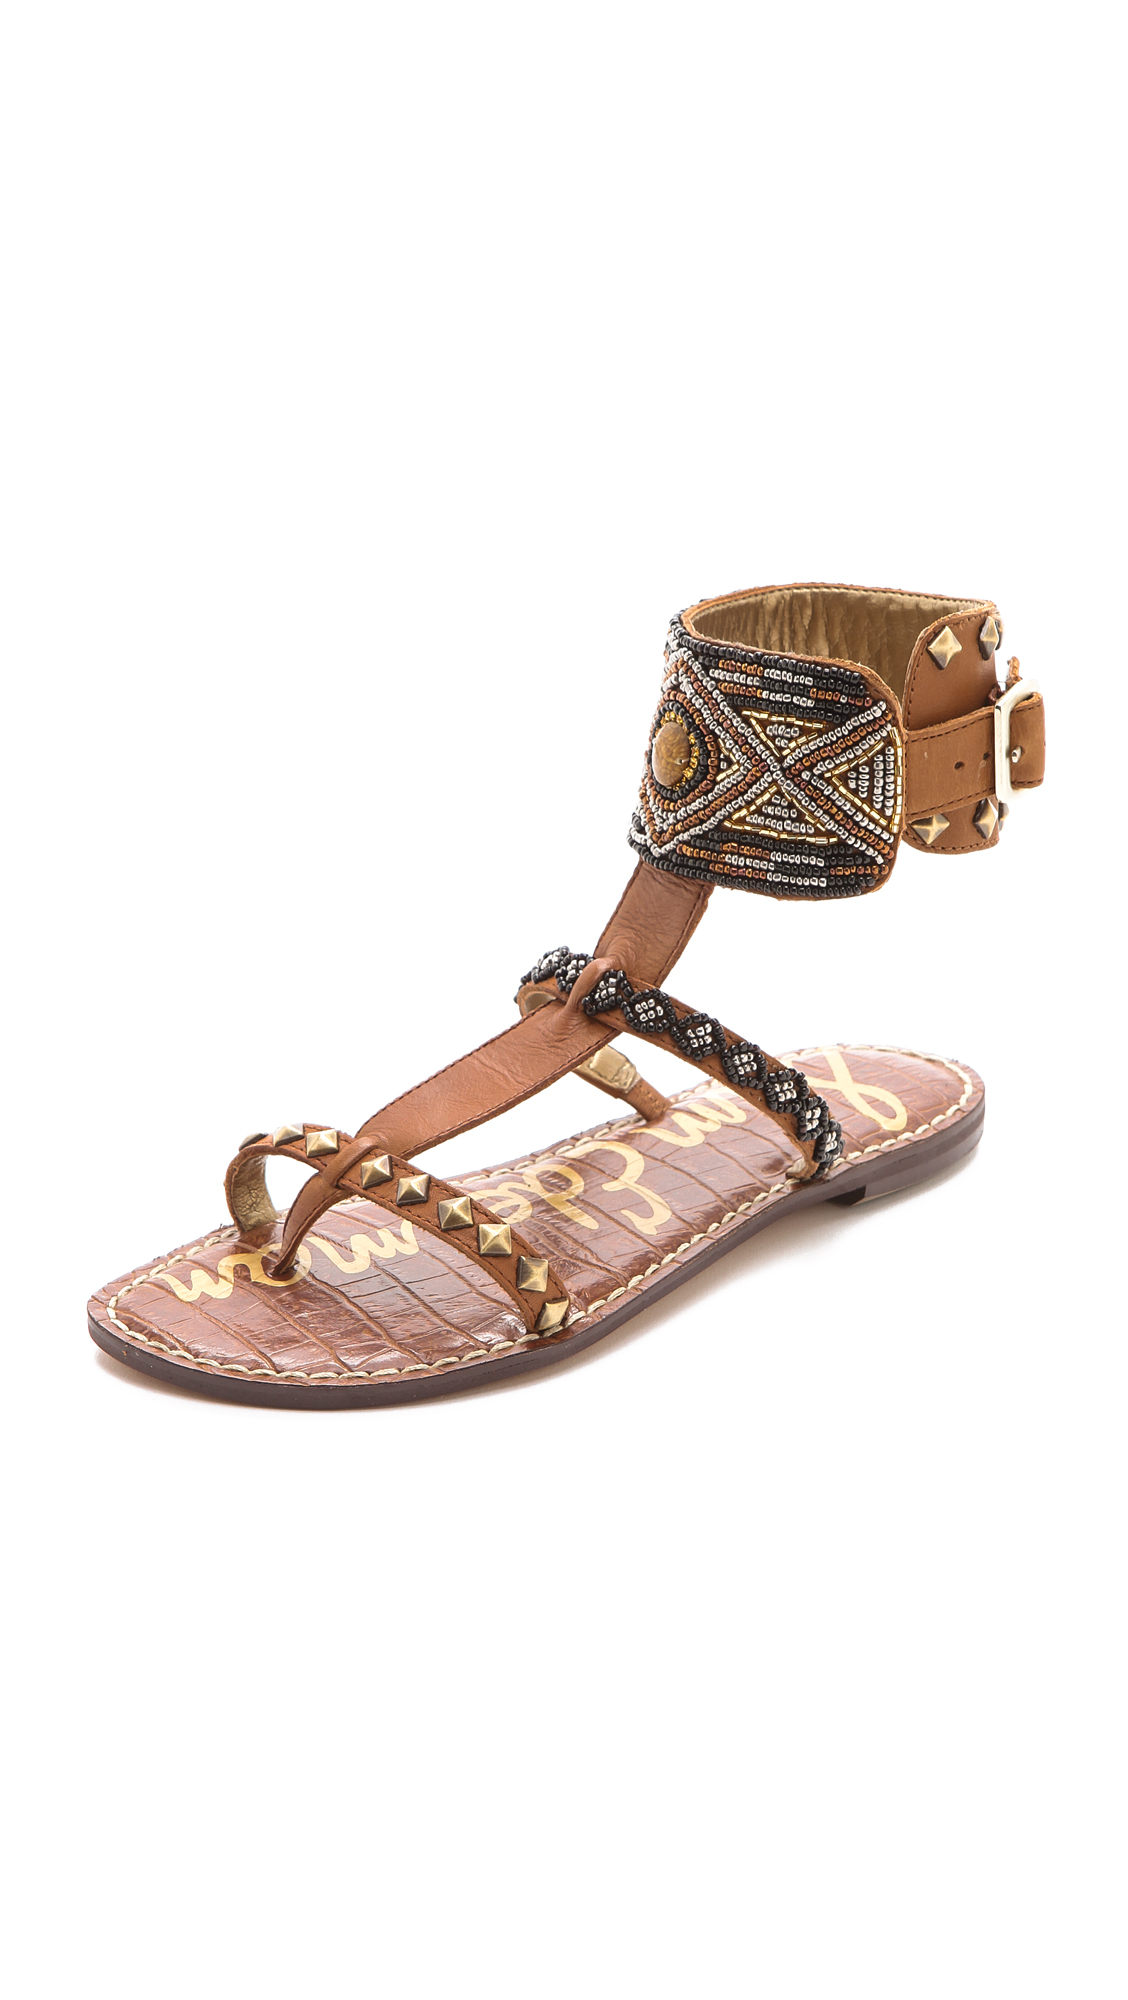 Sam Edelman Gabrianna Ankle Cuff Sandals In Brown Lyst